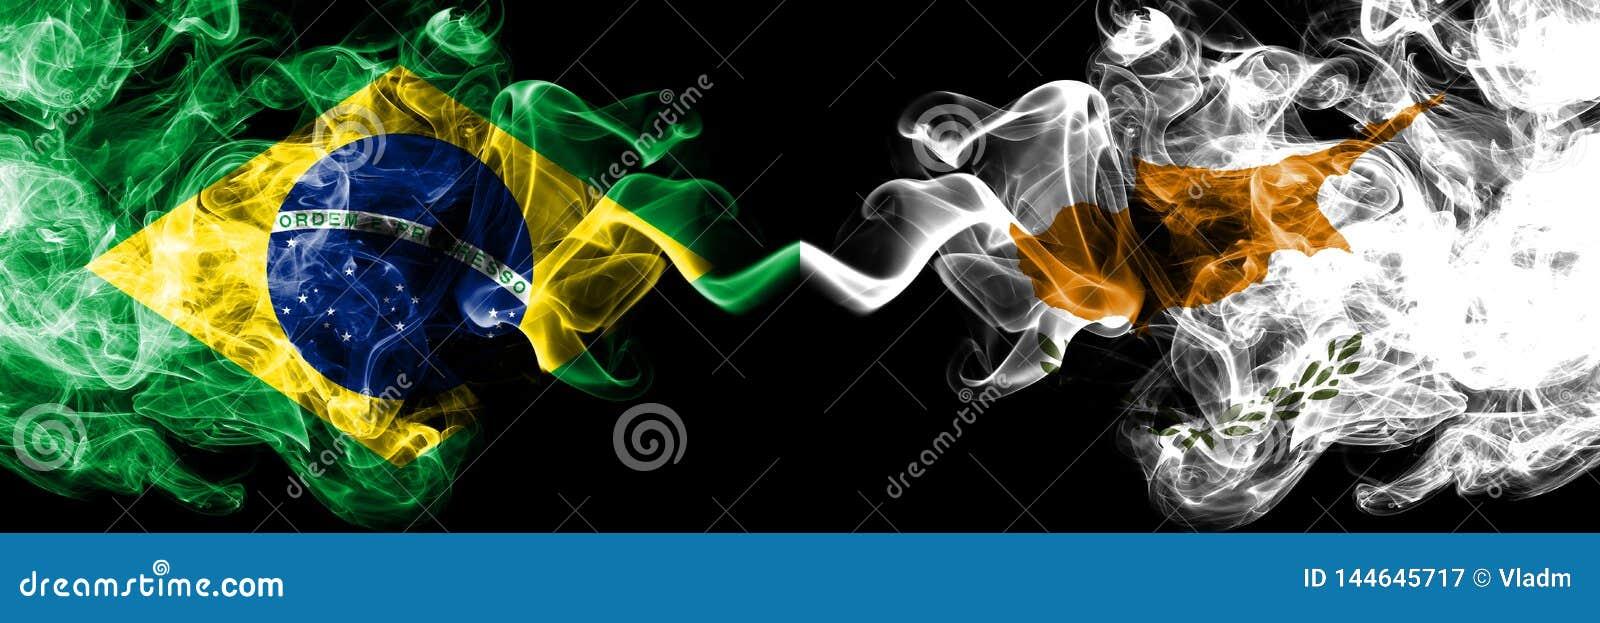 Brazylia vs Cypr, cypryjczyka dymu flaga umieszczająca strona strona - obok - Gęste barwione silky dymne flagi brazylijczyk i C